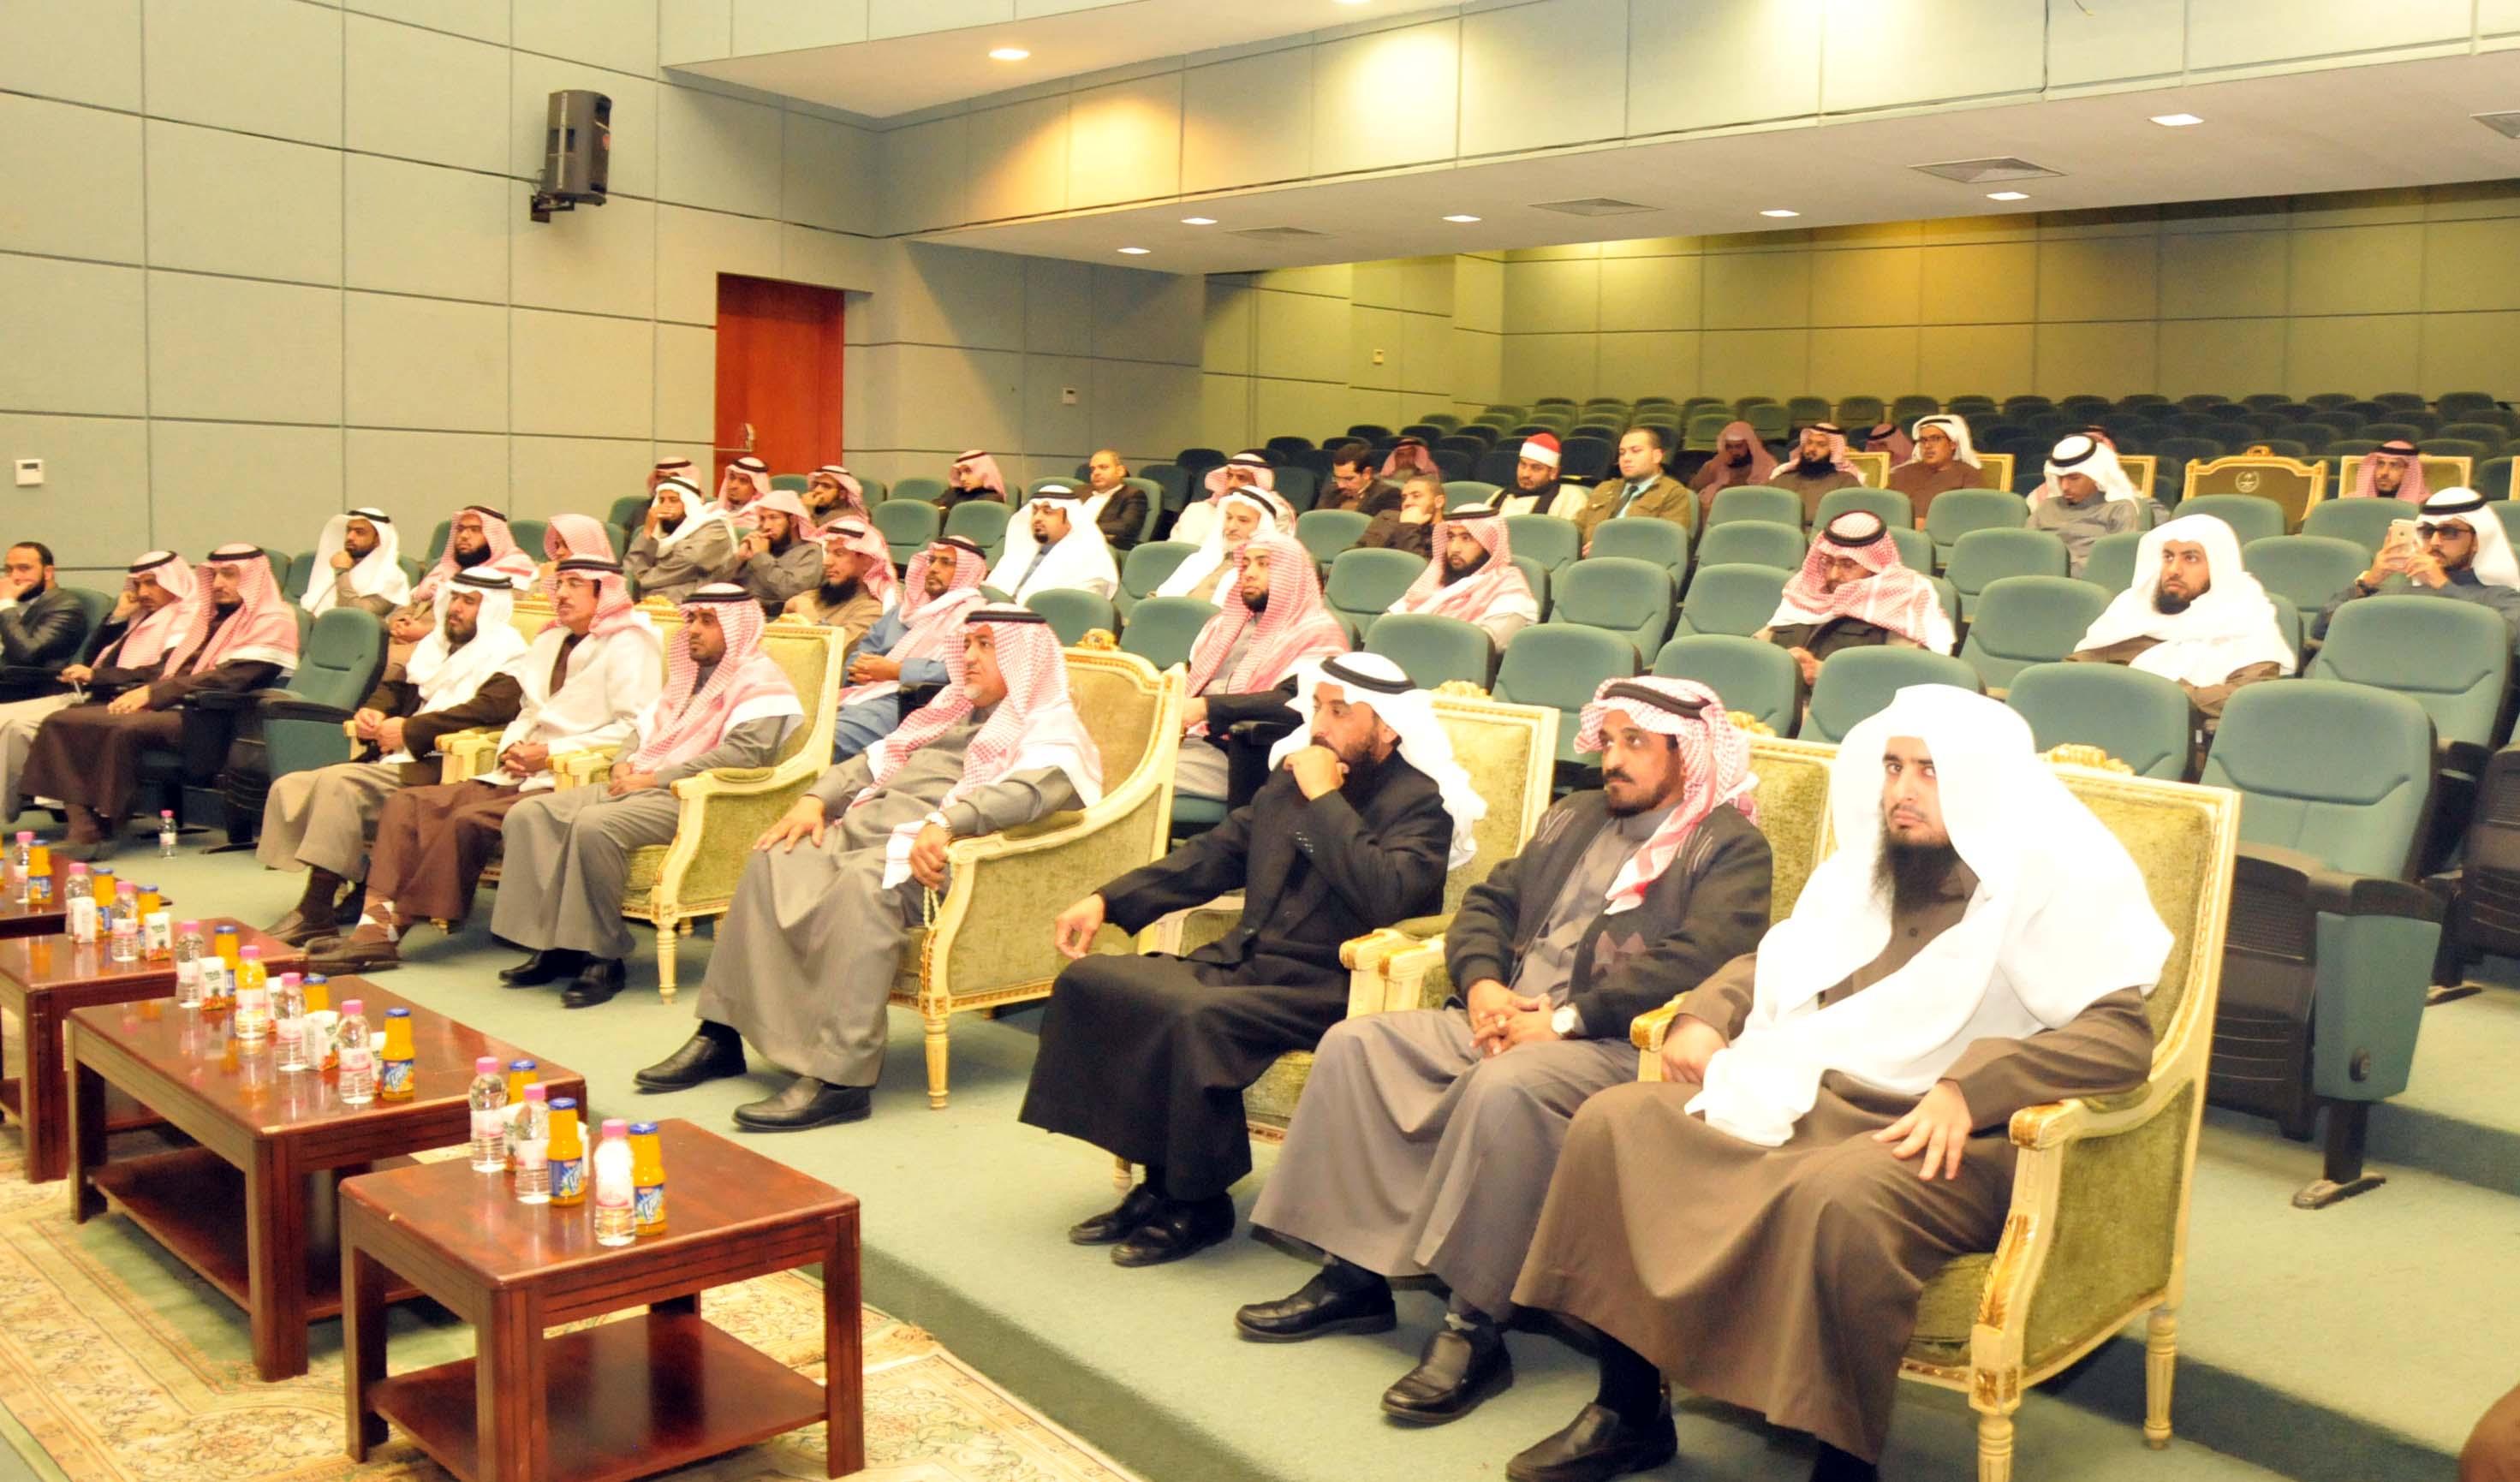 الأمن الفكري في لقاء تربوي لإدارة التعليم بـ #الجوف (2)